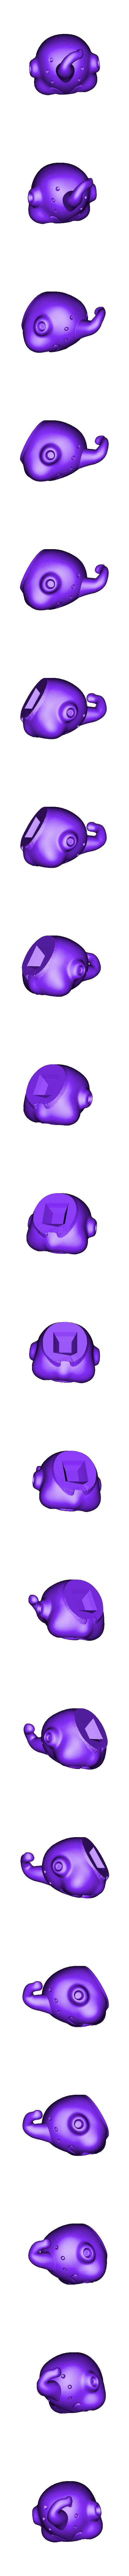 Fat_Buu_-_Head_without_tongue.stl Télécharger fichier STL gratuit Fat Buu - Dragon Ball • Plan imprimable en 3D, BODY3D